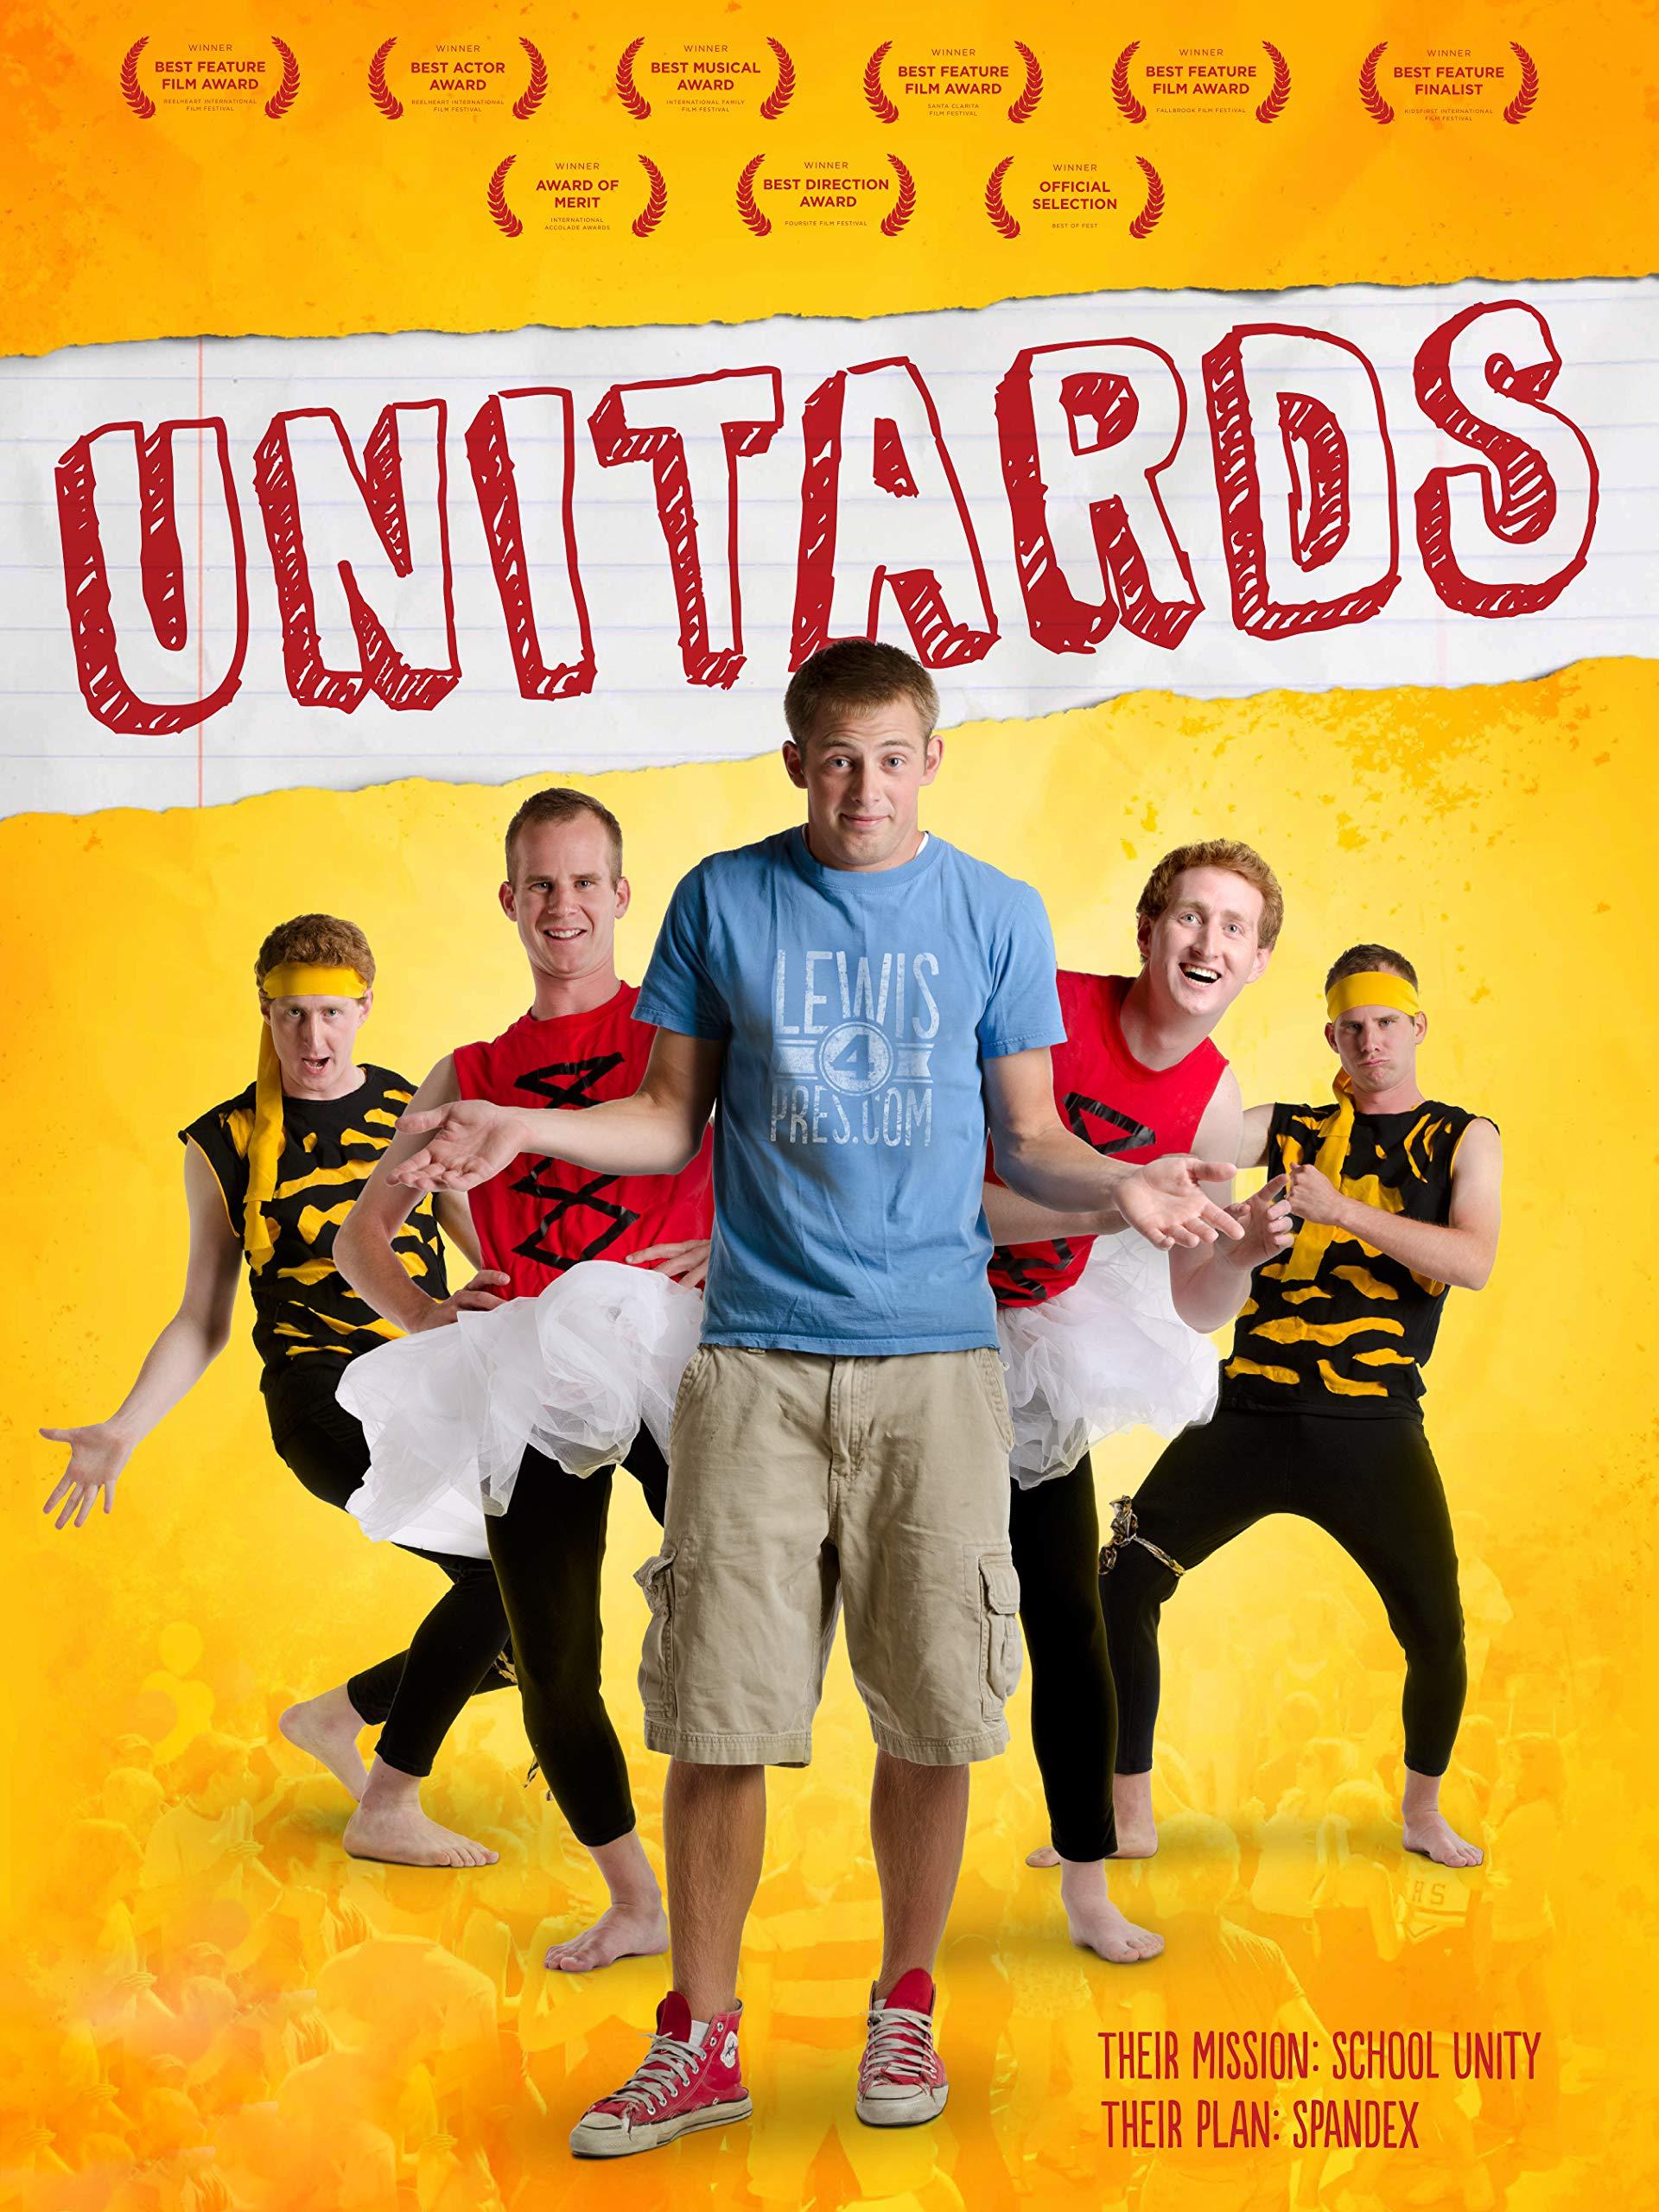 UNITARDS